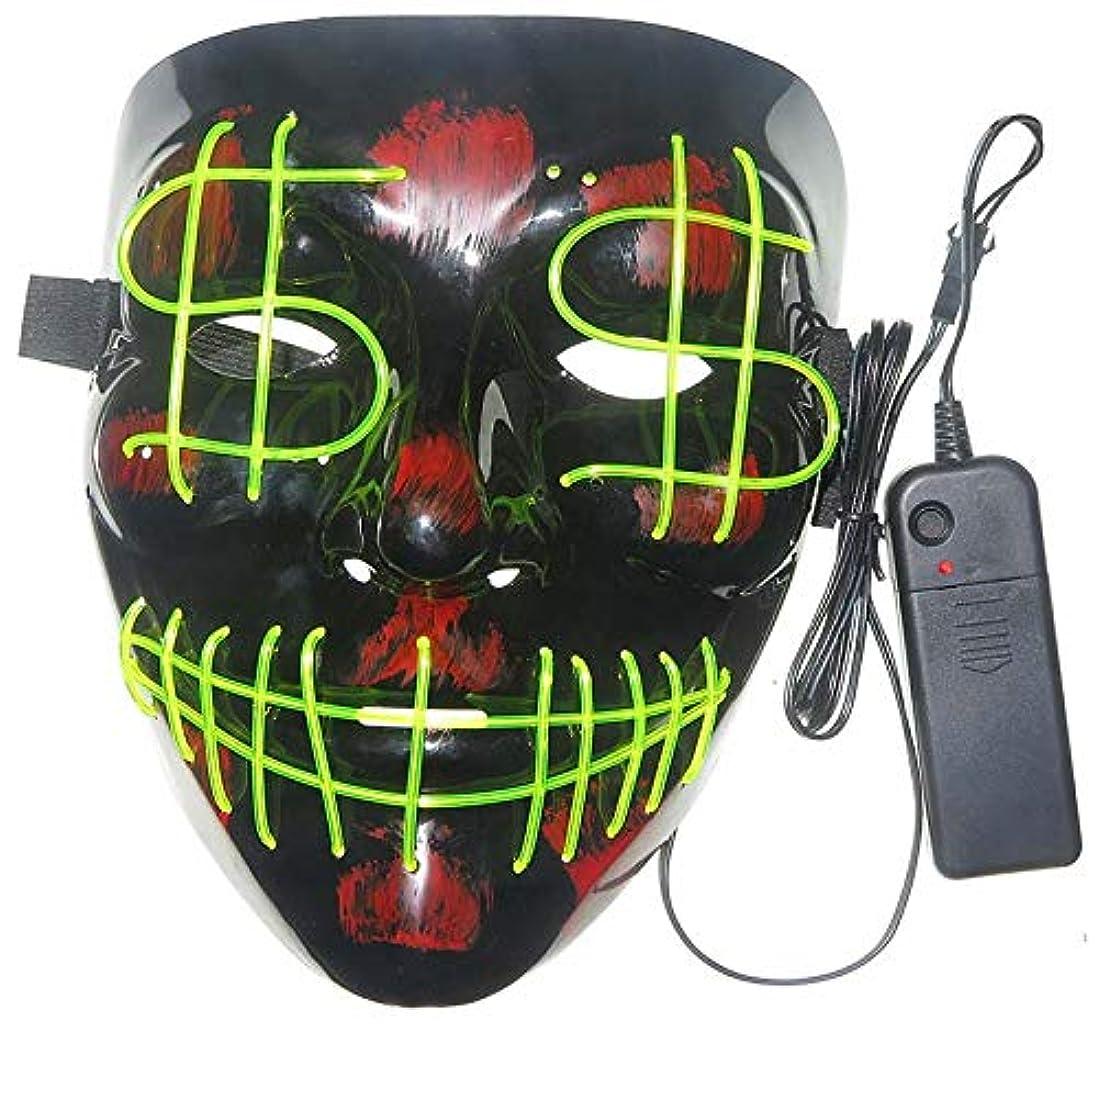 順番ホーム祖母ハロウィーンの怖いマスクコスプレ-コスチュームマスクライトフェスティバルパーティー用LEDマスク